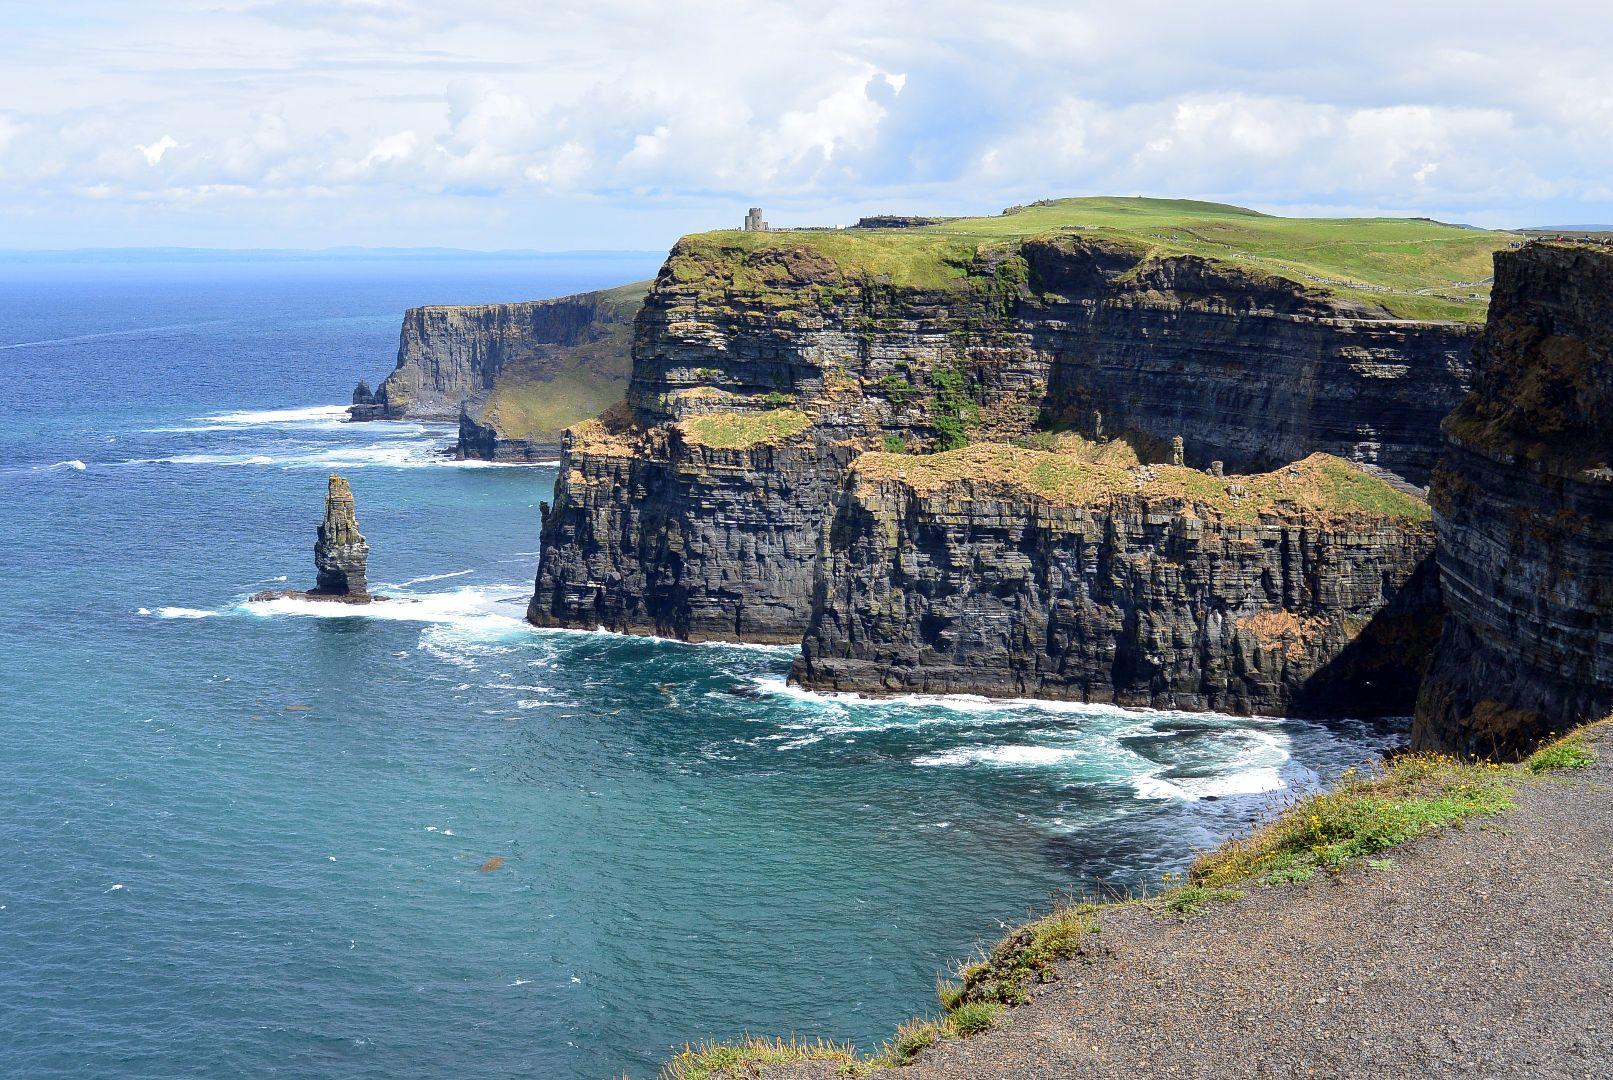 Irland: Natur und Ku(h)ltur auf der grünen Insel